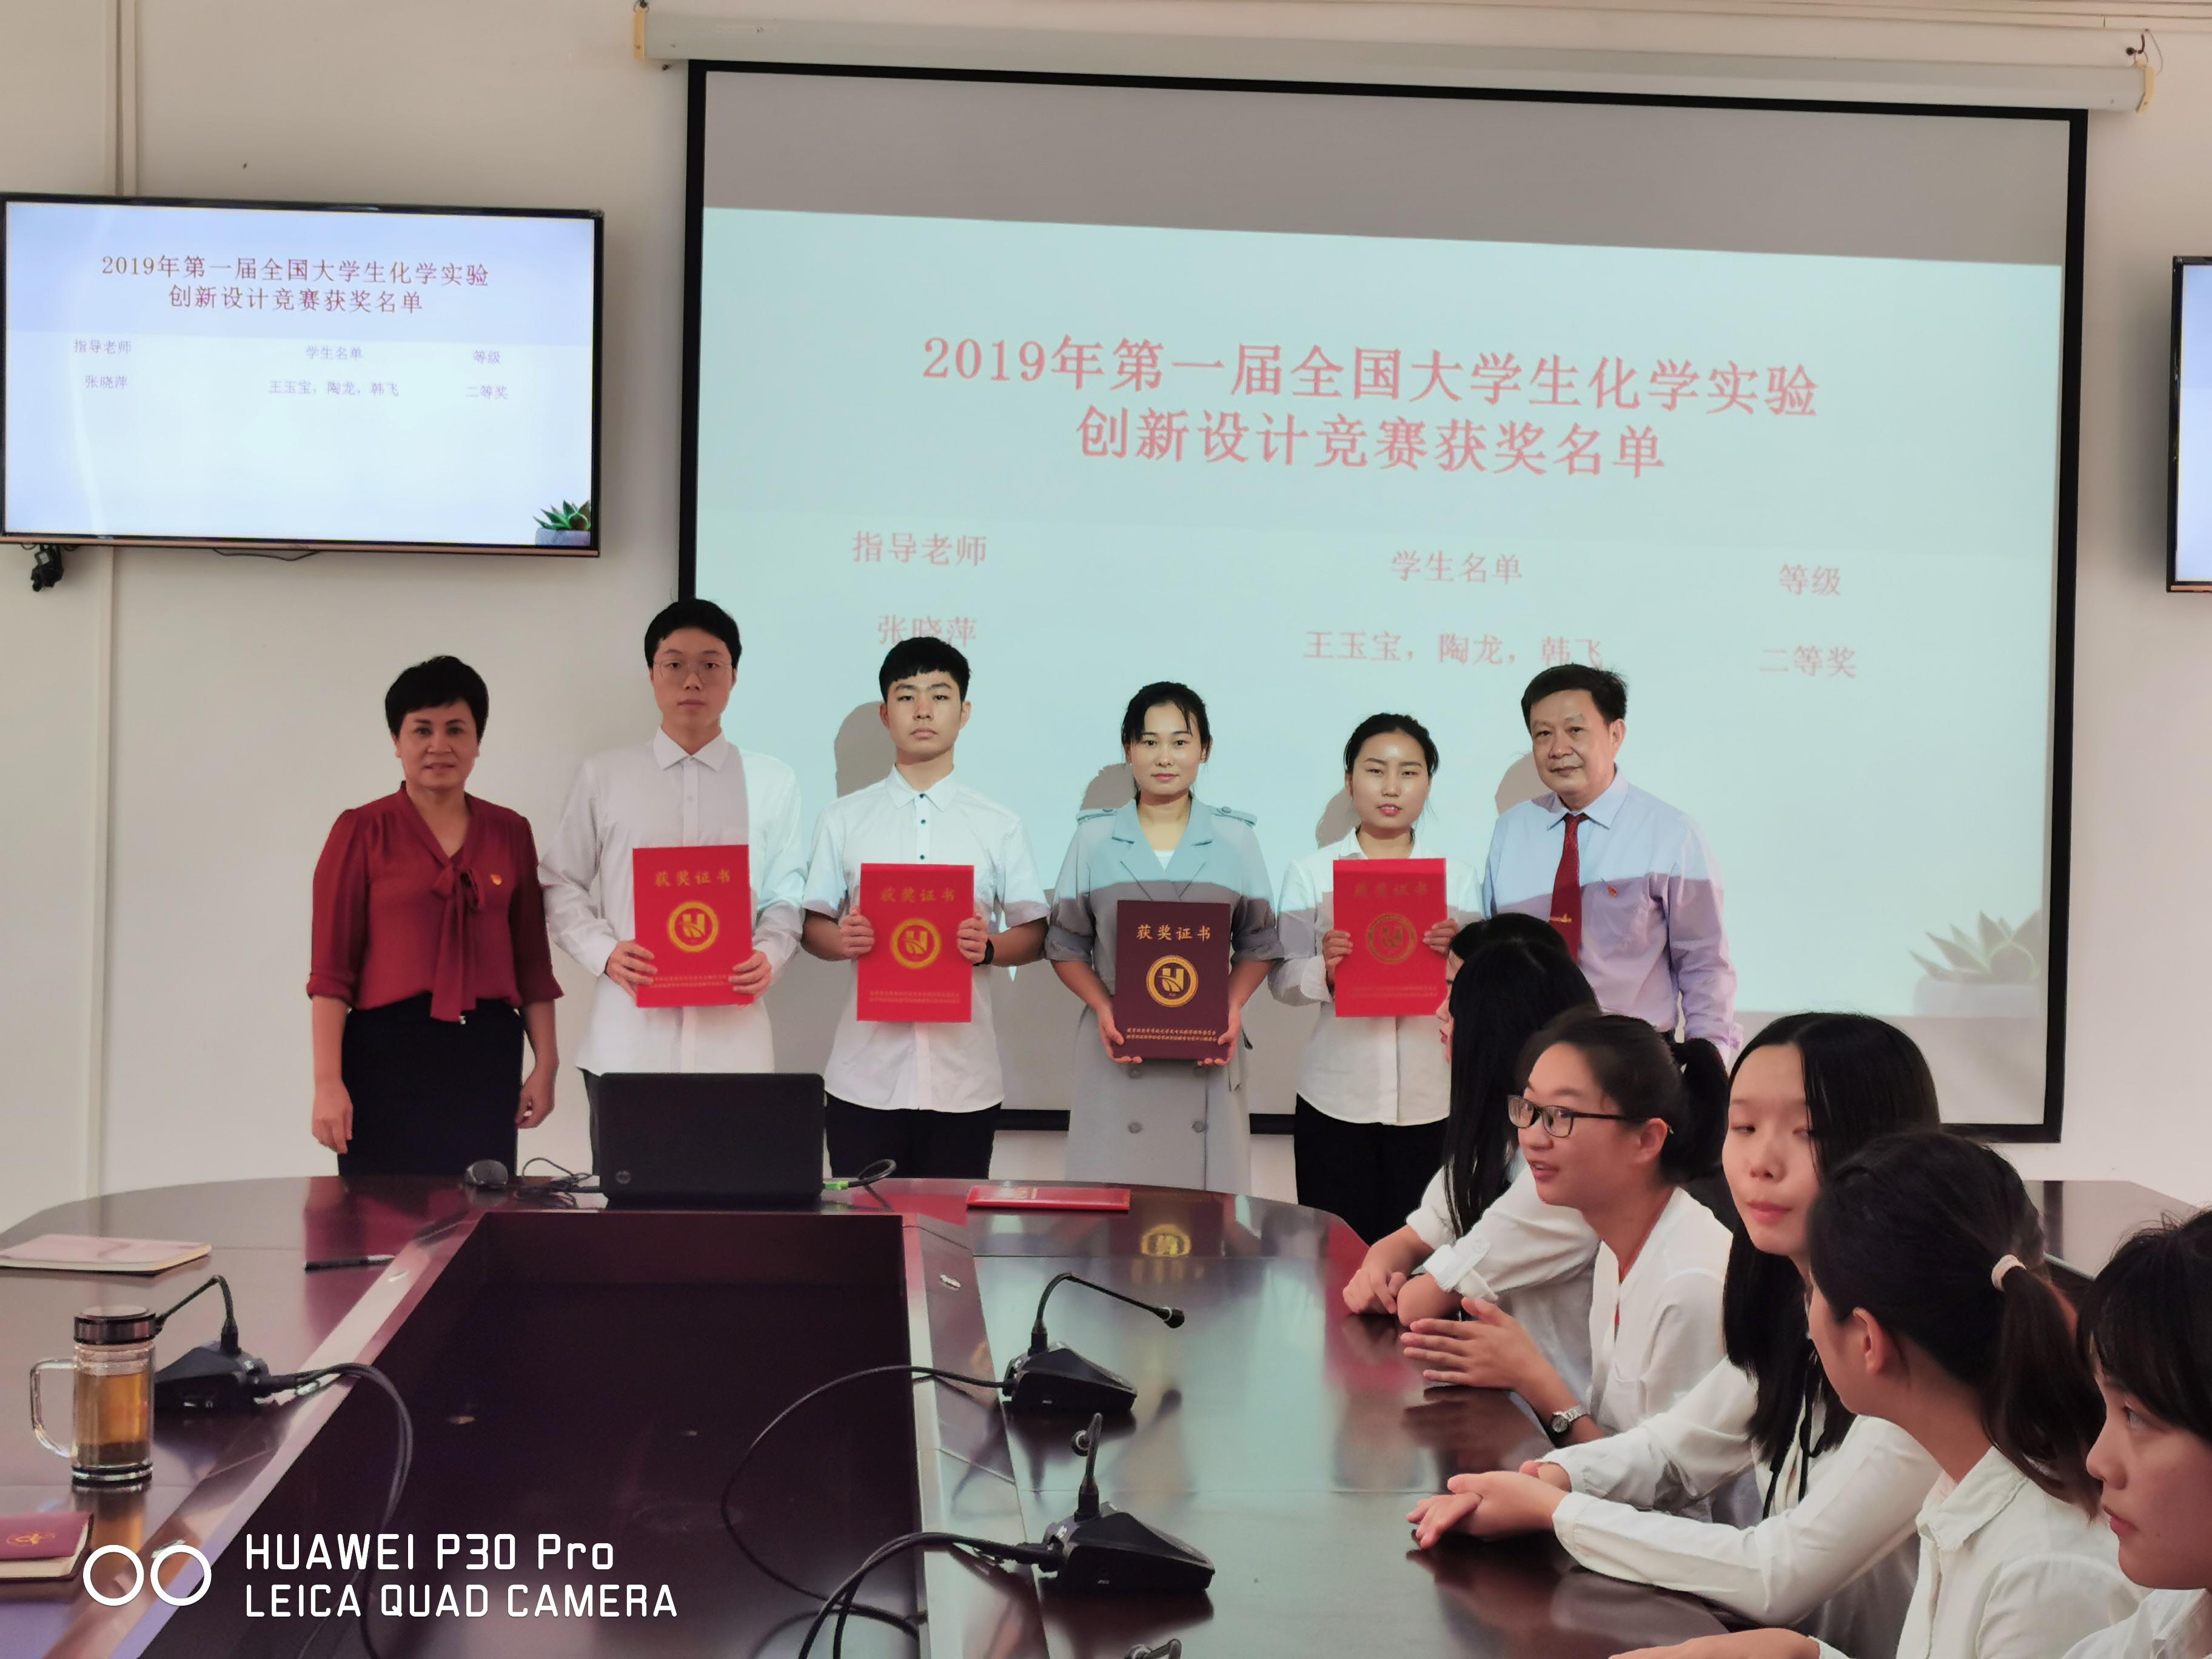 海南师范大学化学与化工学院举行2019年实验竞赛颁奖典礼